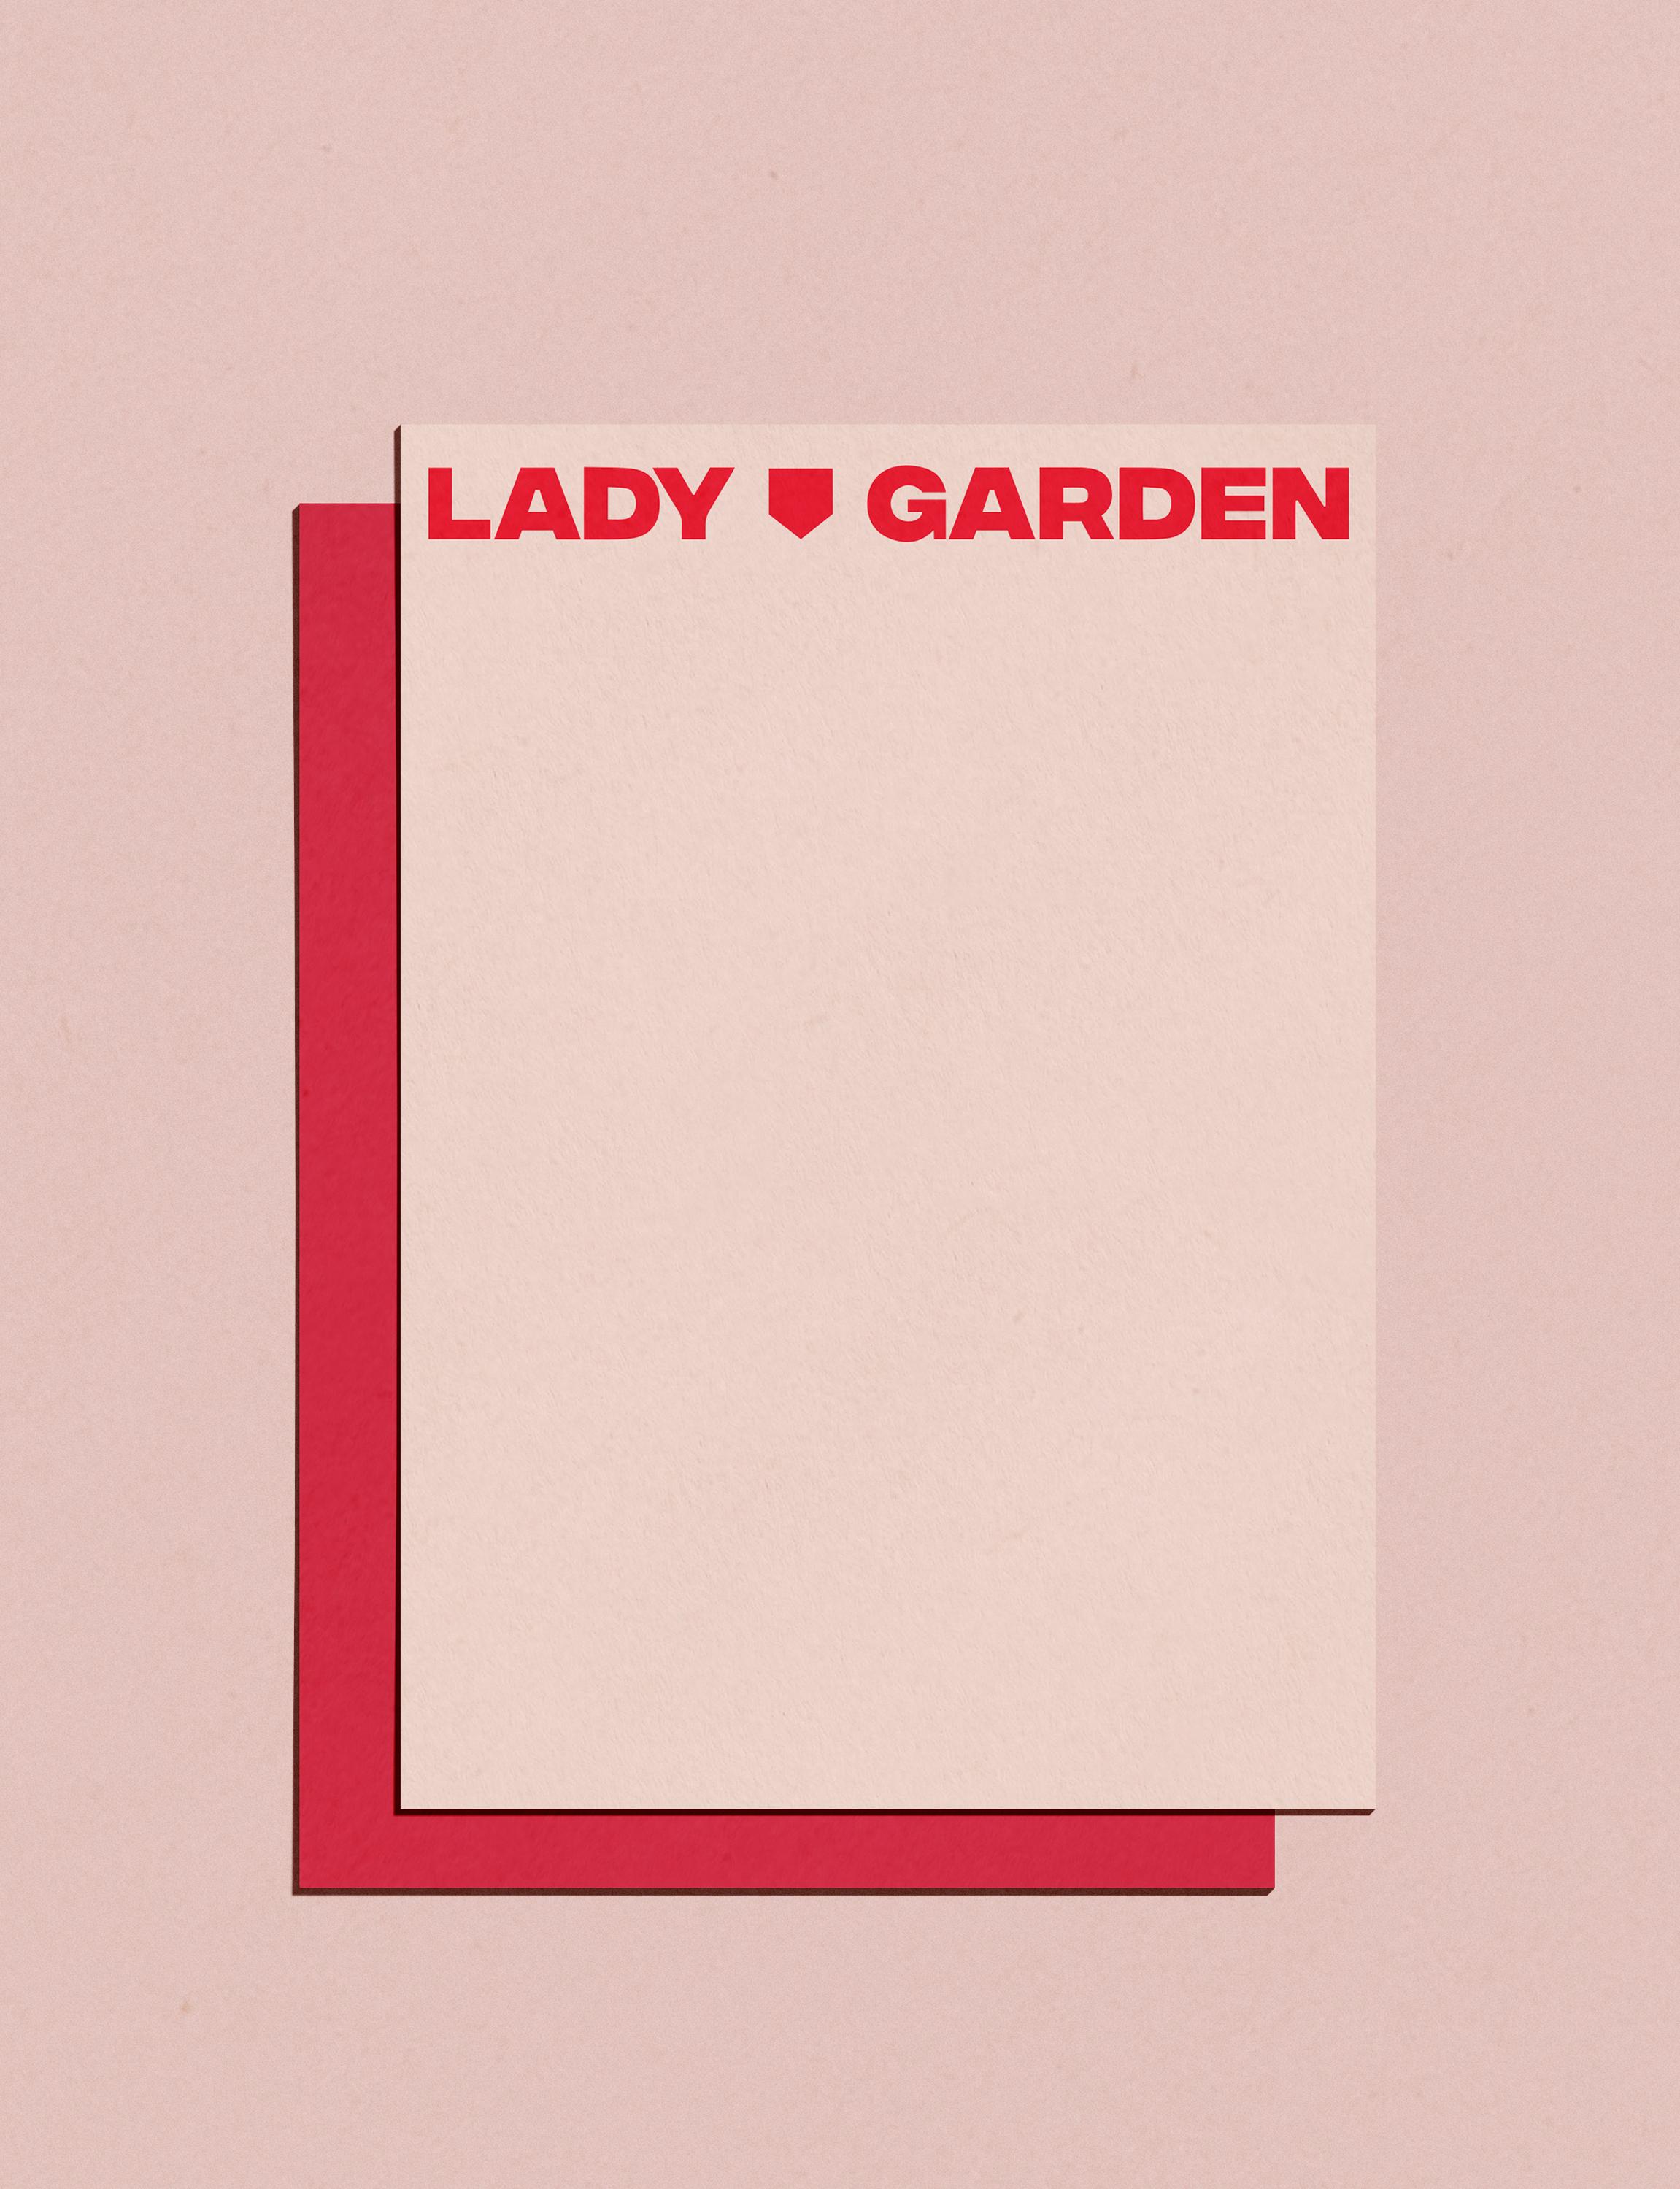 LadyGarden_Letterhead.jpg